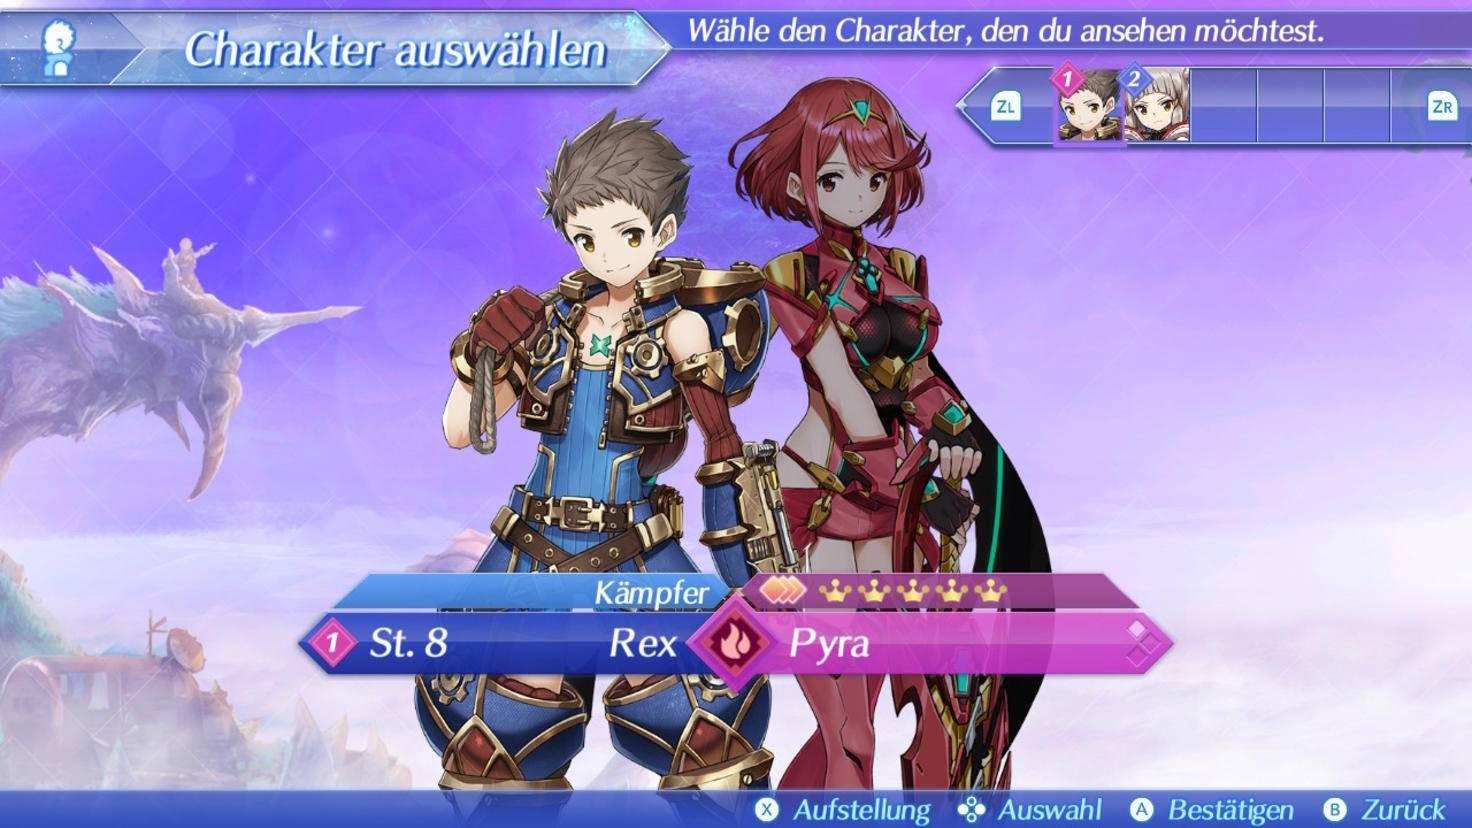 Rex und Pyra kämpfen als Meister und Klinge zusammen.